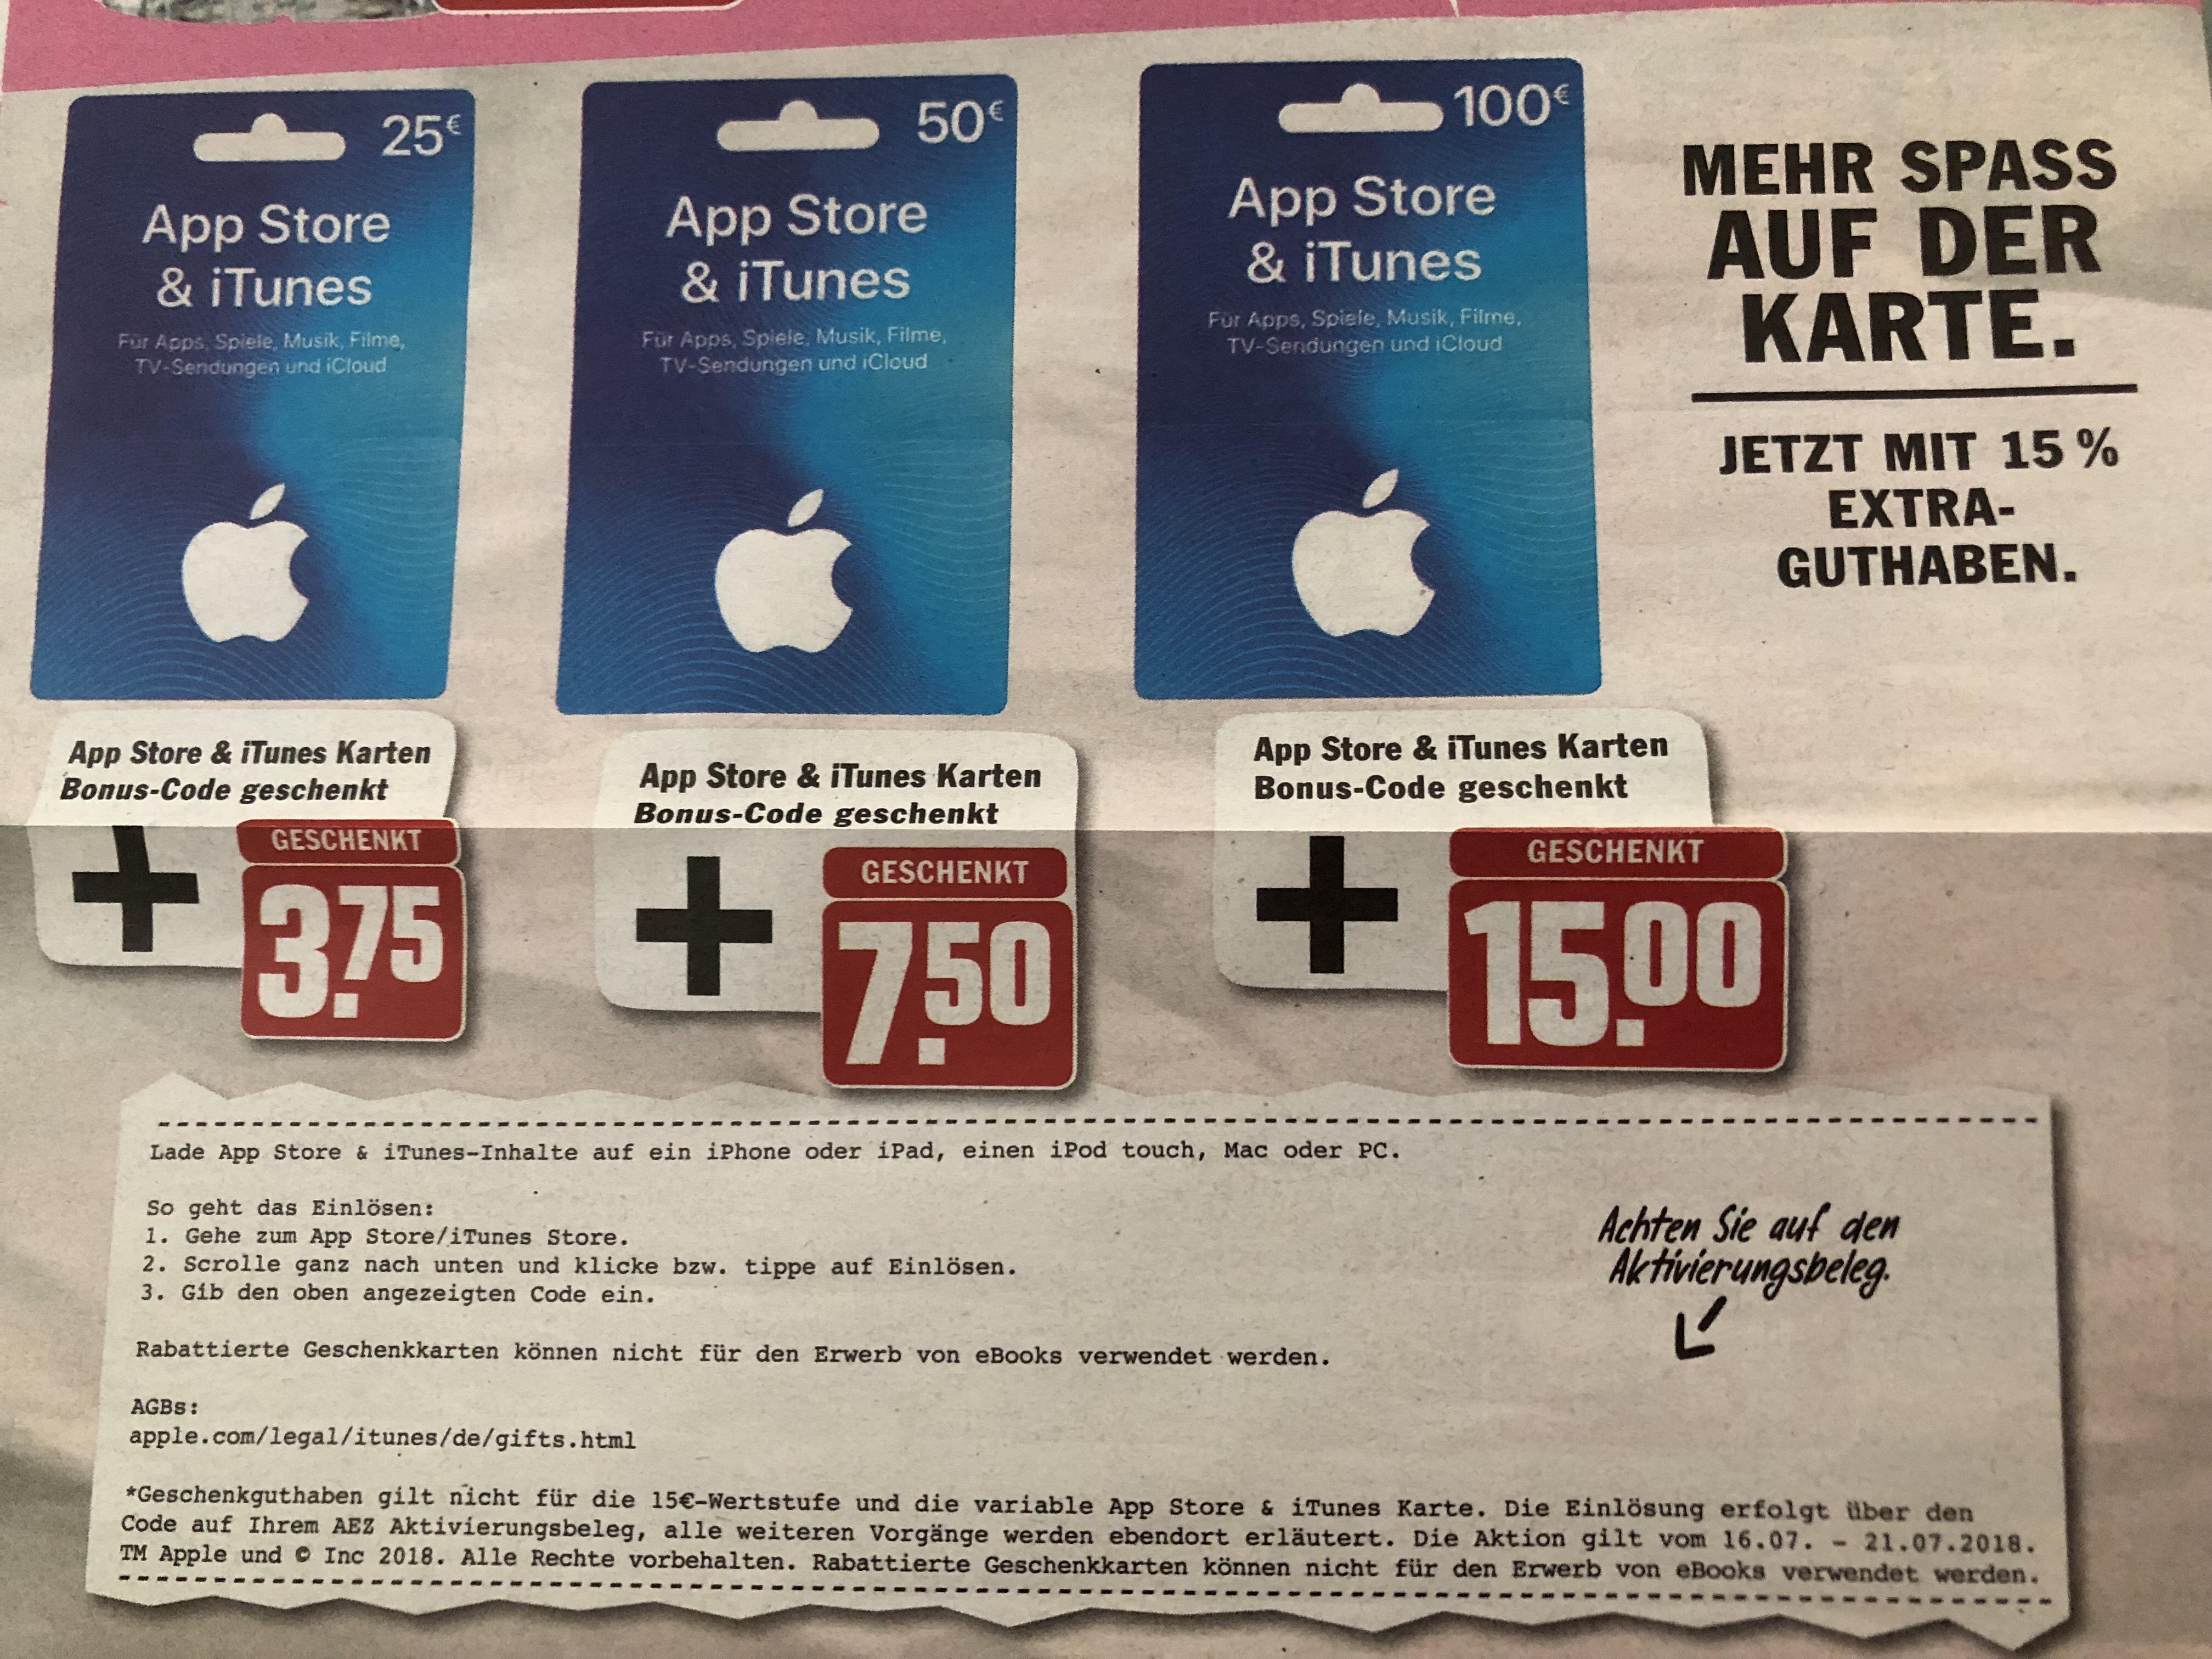 (Region München) iTunes, Appstore Karten mit 15% on Top bei AEZ